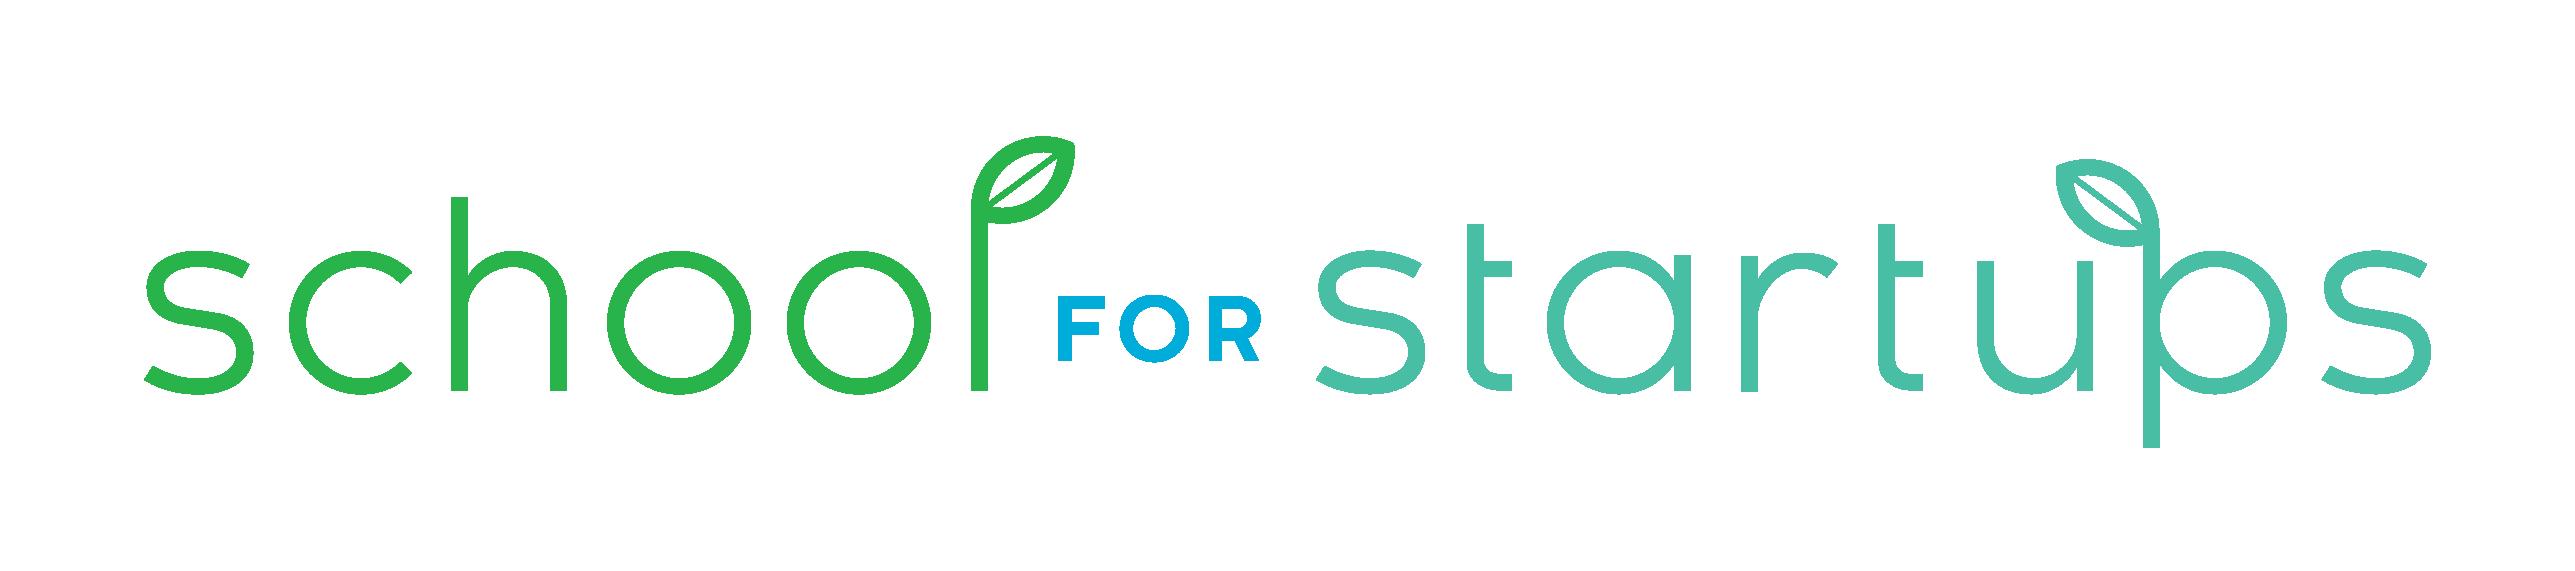 School for Startups Logo